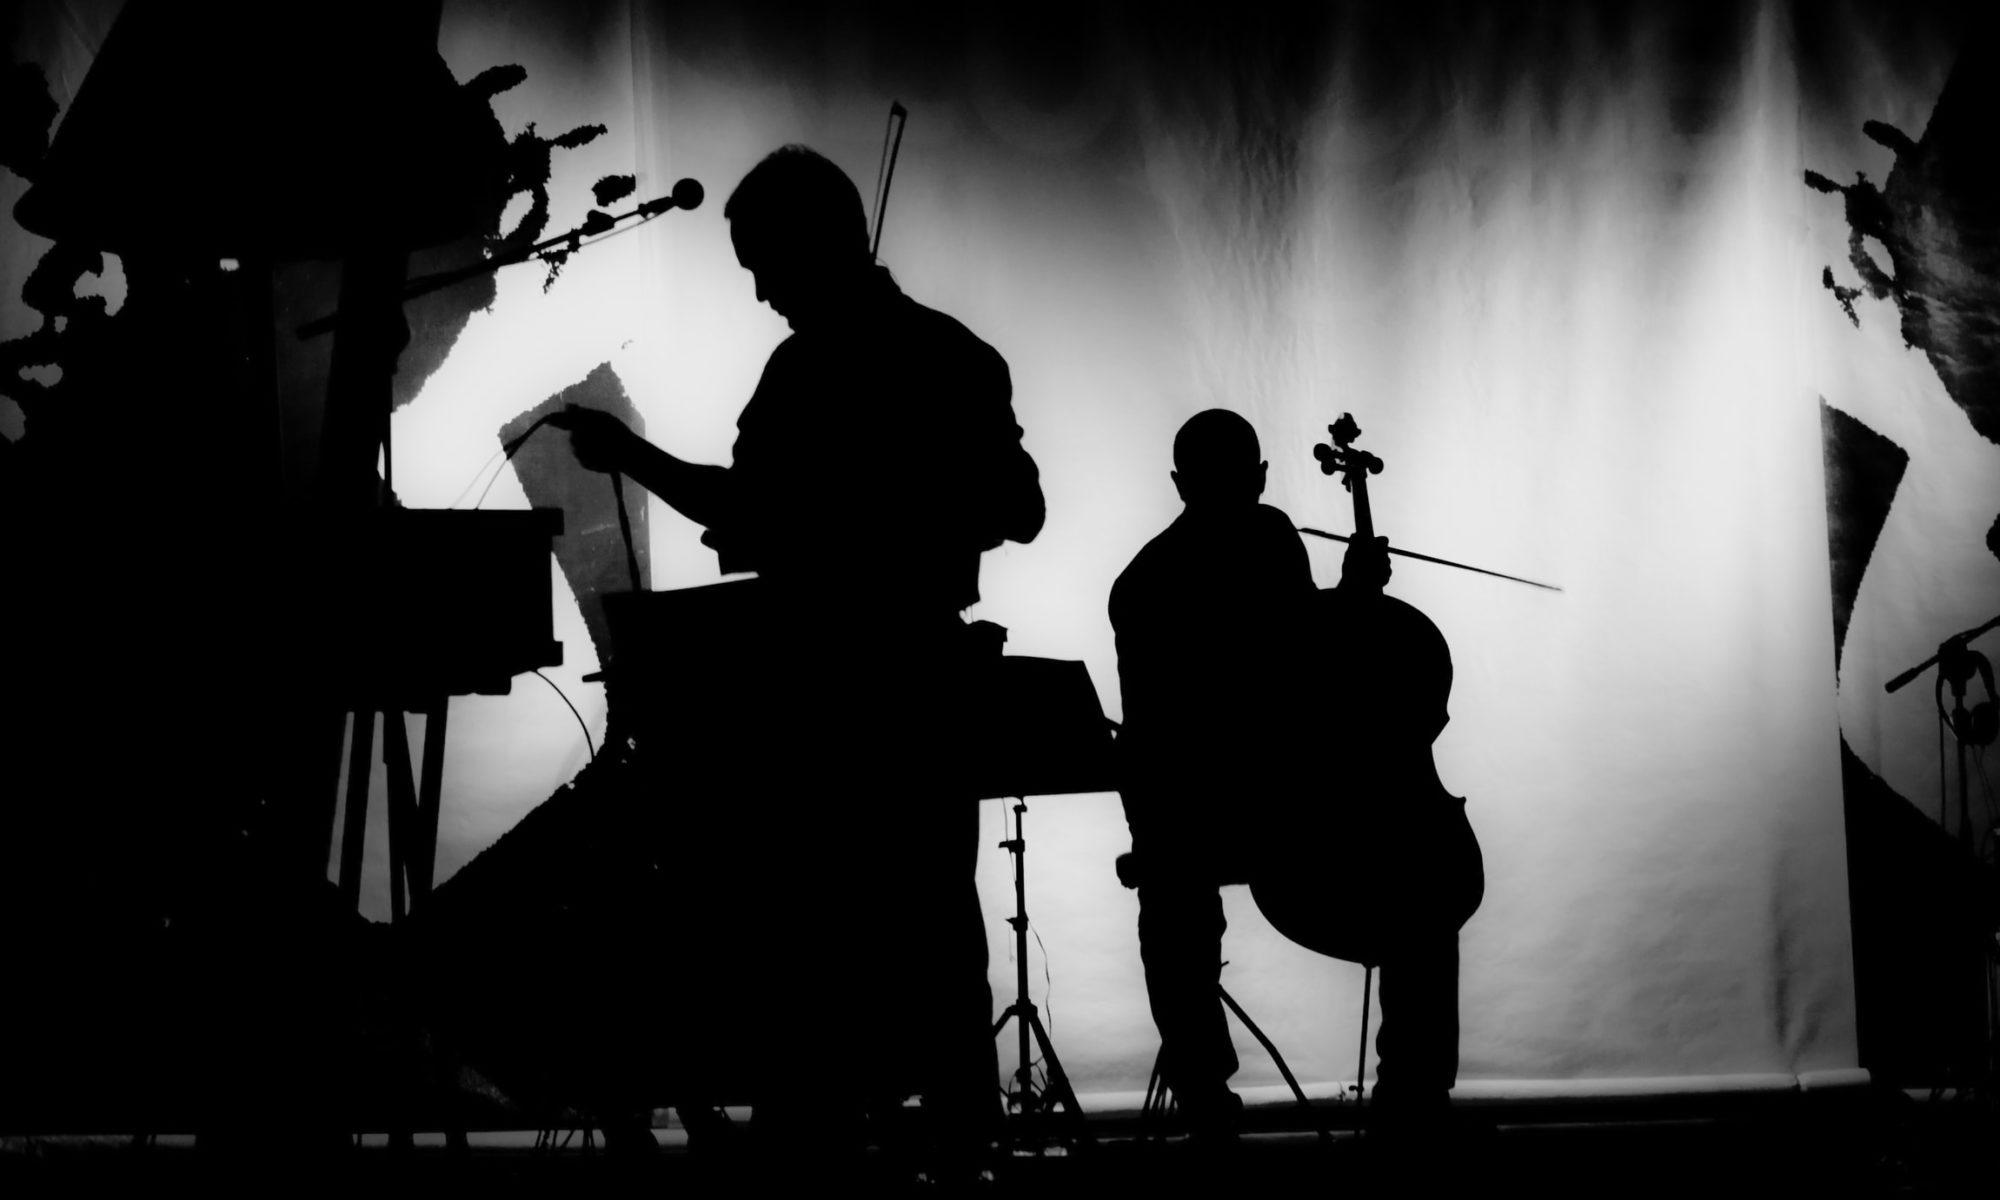 Harmonizando - Cursos Online de Harmonia Funcional e Improvisação